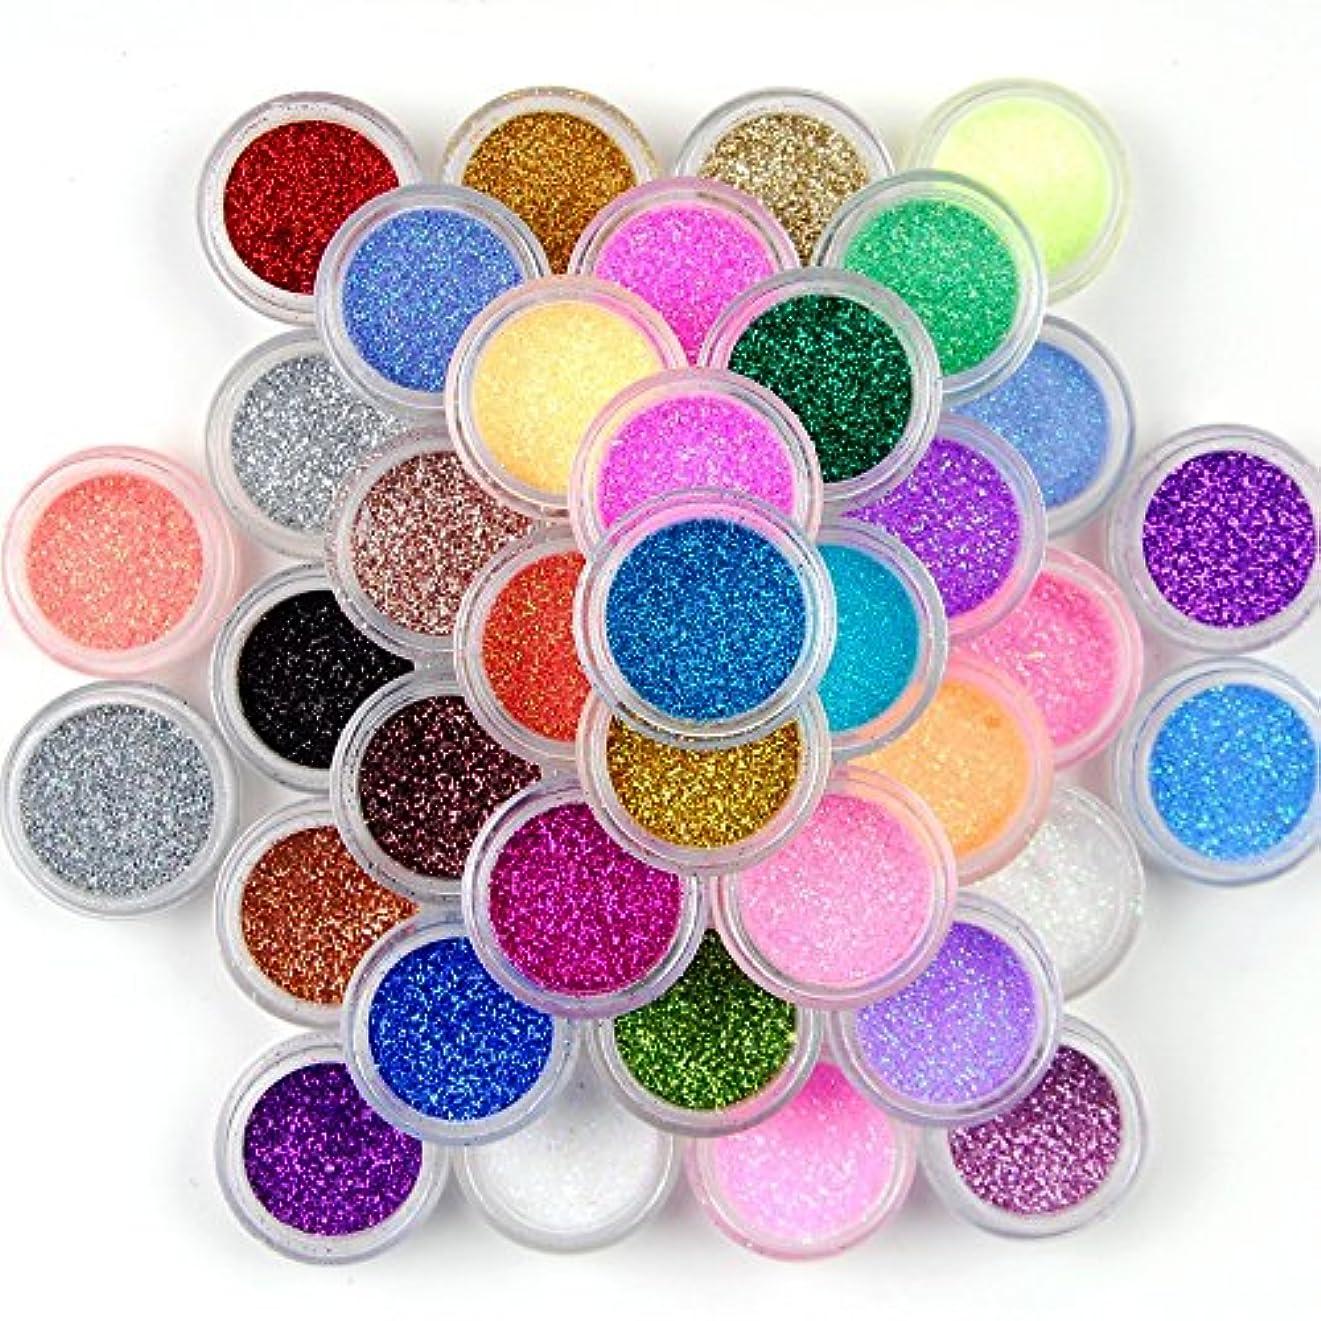 メディカル違う進化12個ネイルアートDust Glitter Powder DIY装飾ヒント、色ランダム